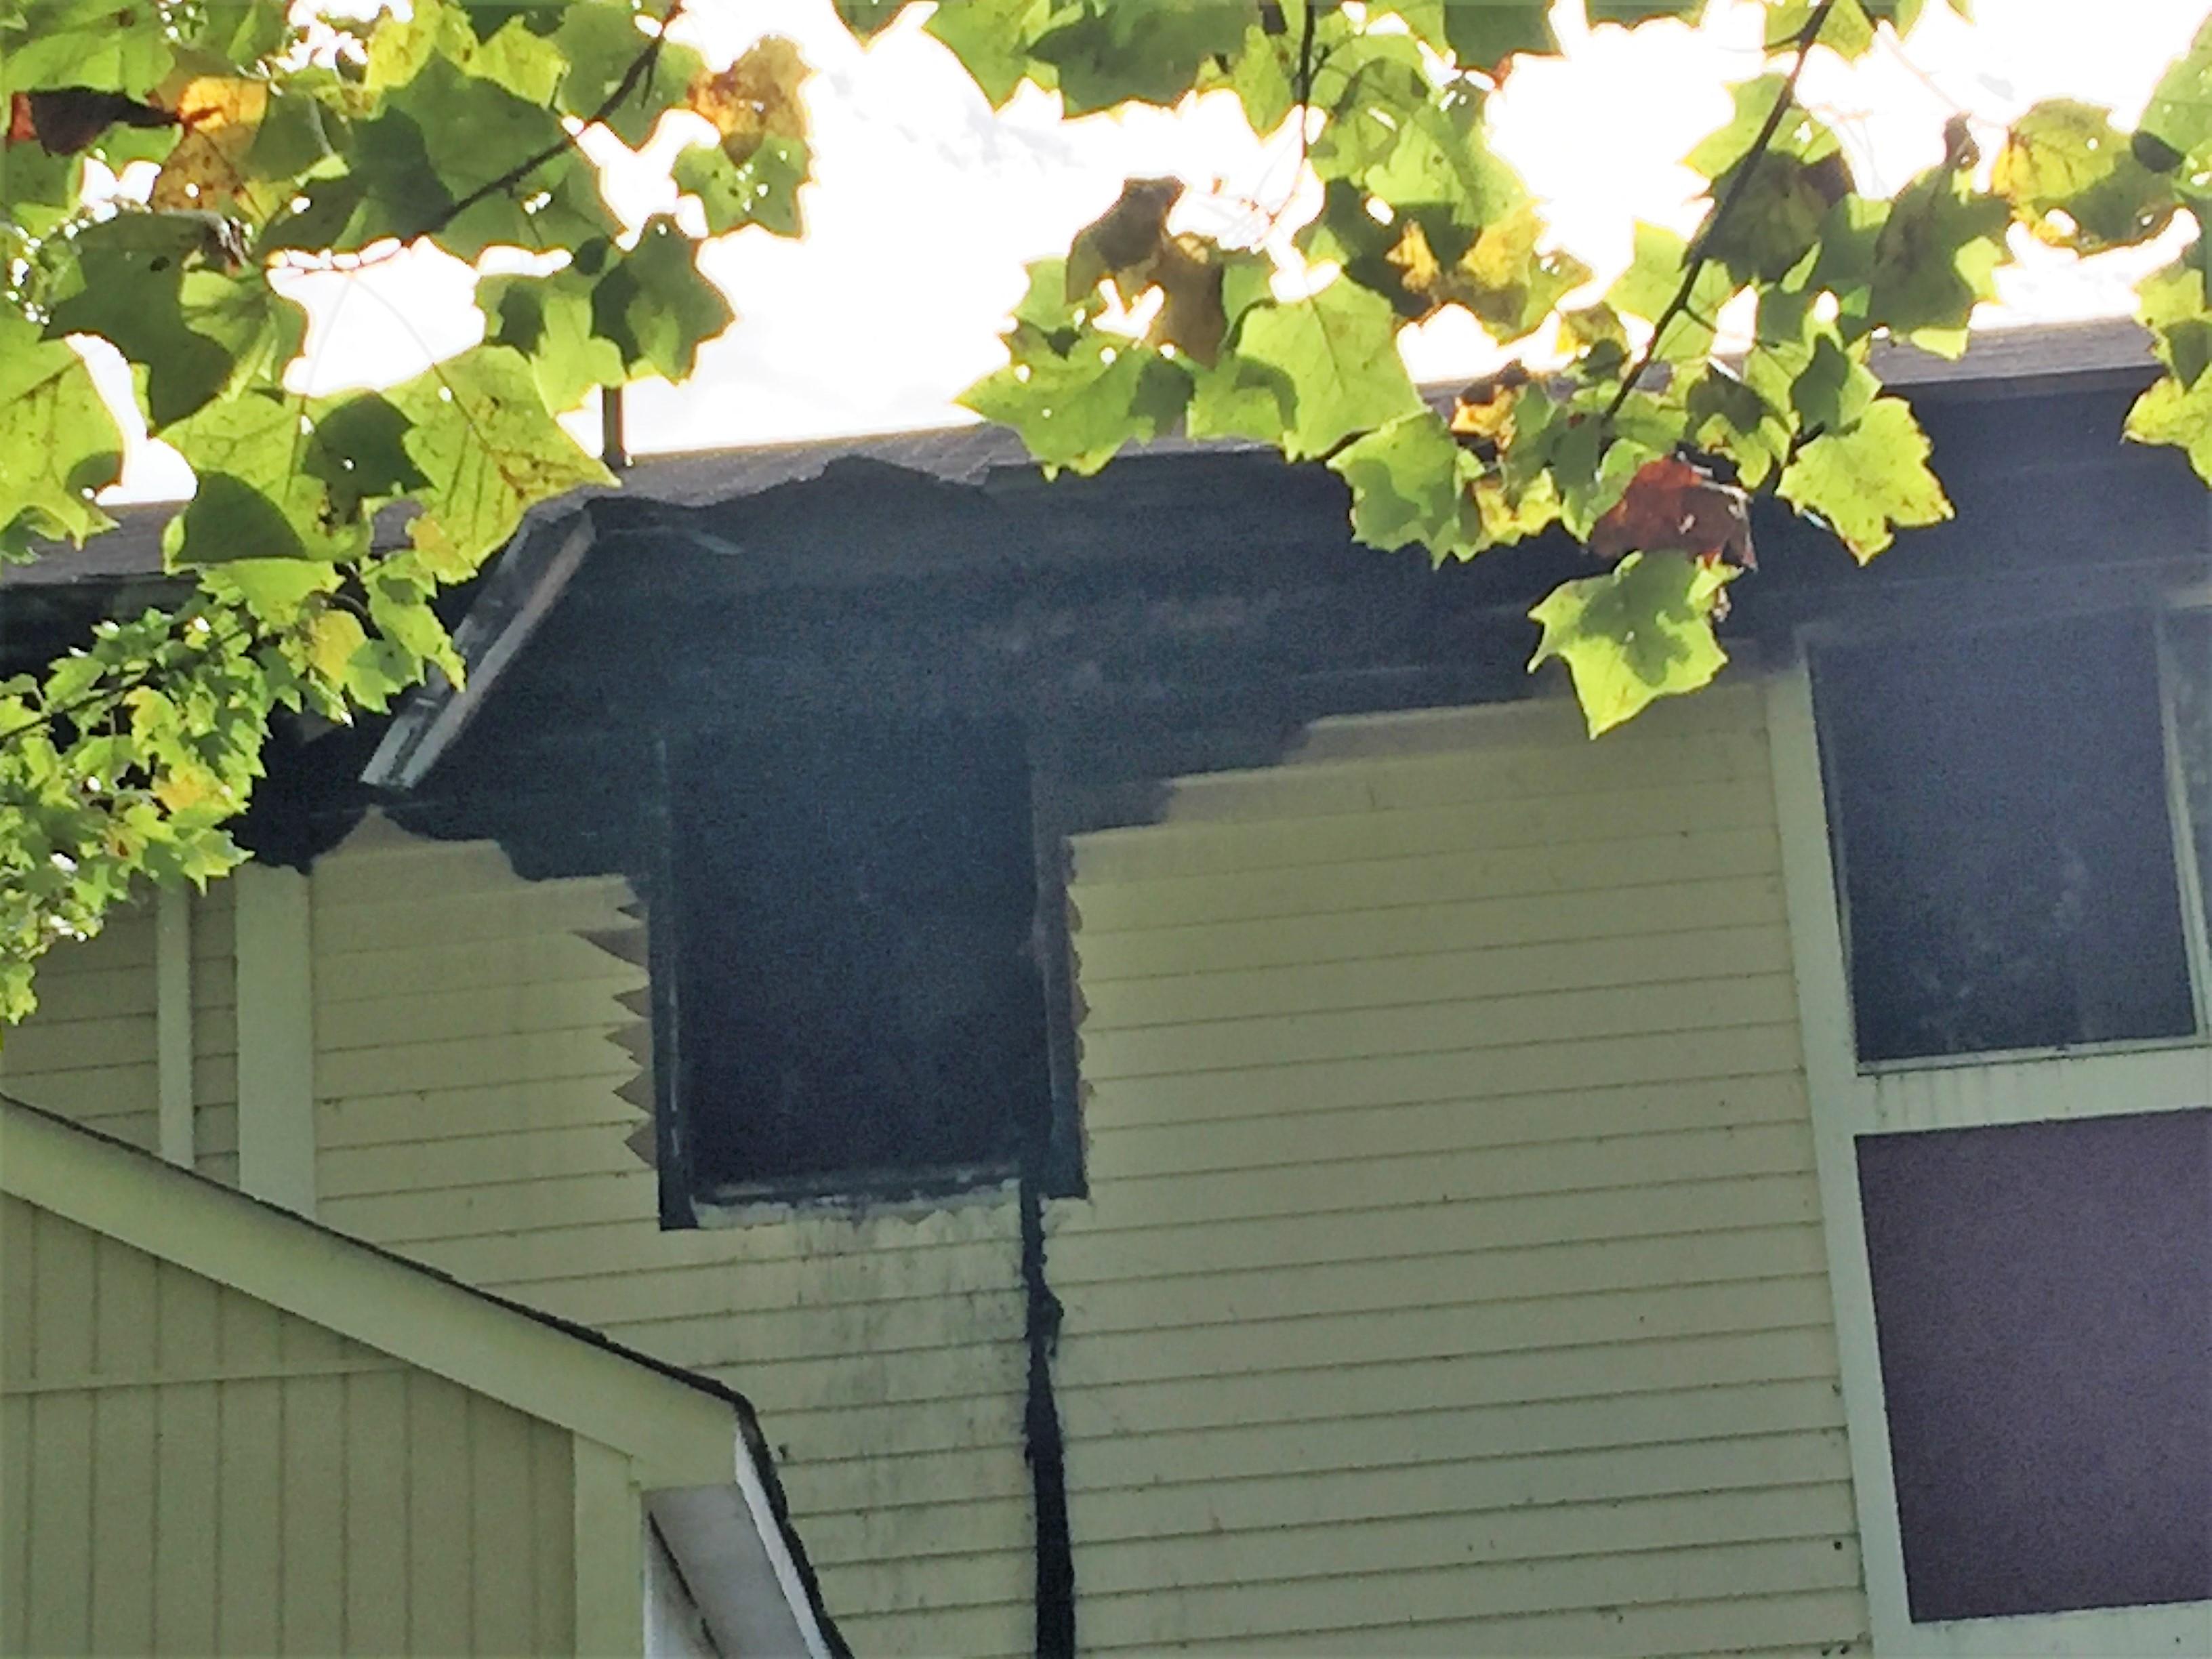 華人聚居的蒙哥馬利郡北波多馬克鎮(N. Potomac),周五晚發生火燒屋,起火點是連接筆電充電電線的變壓器。(讀者提供)